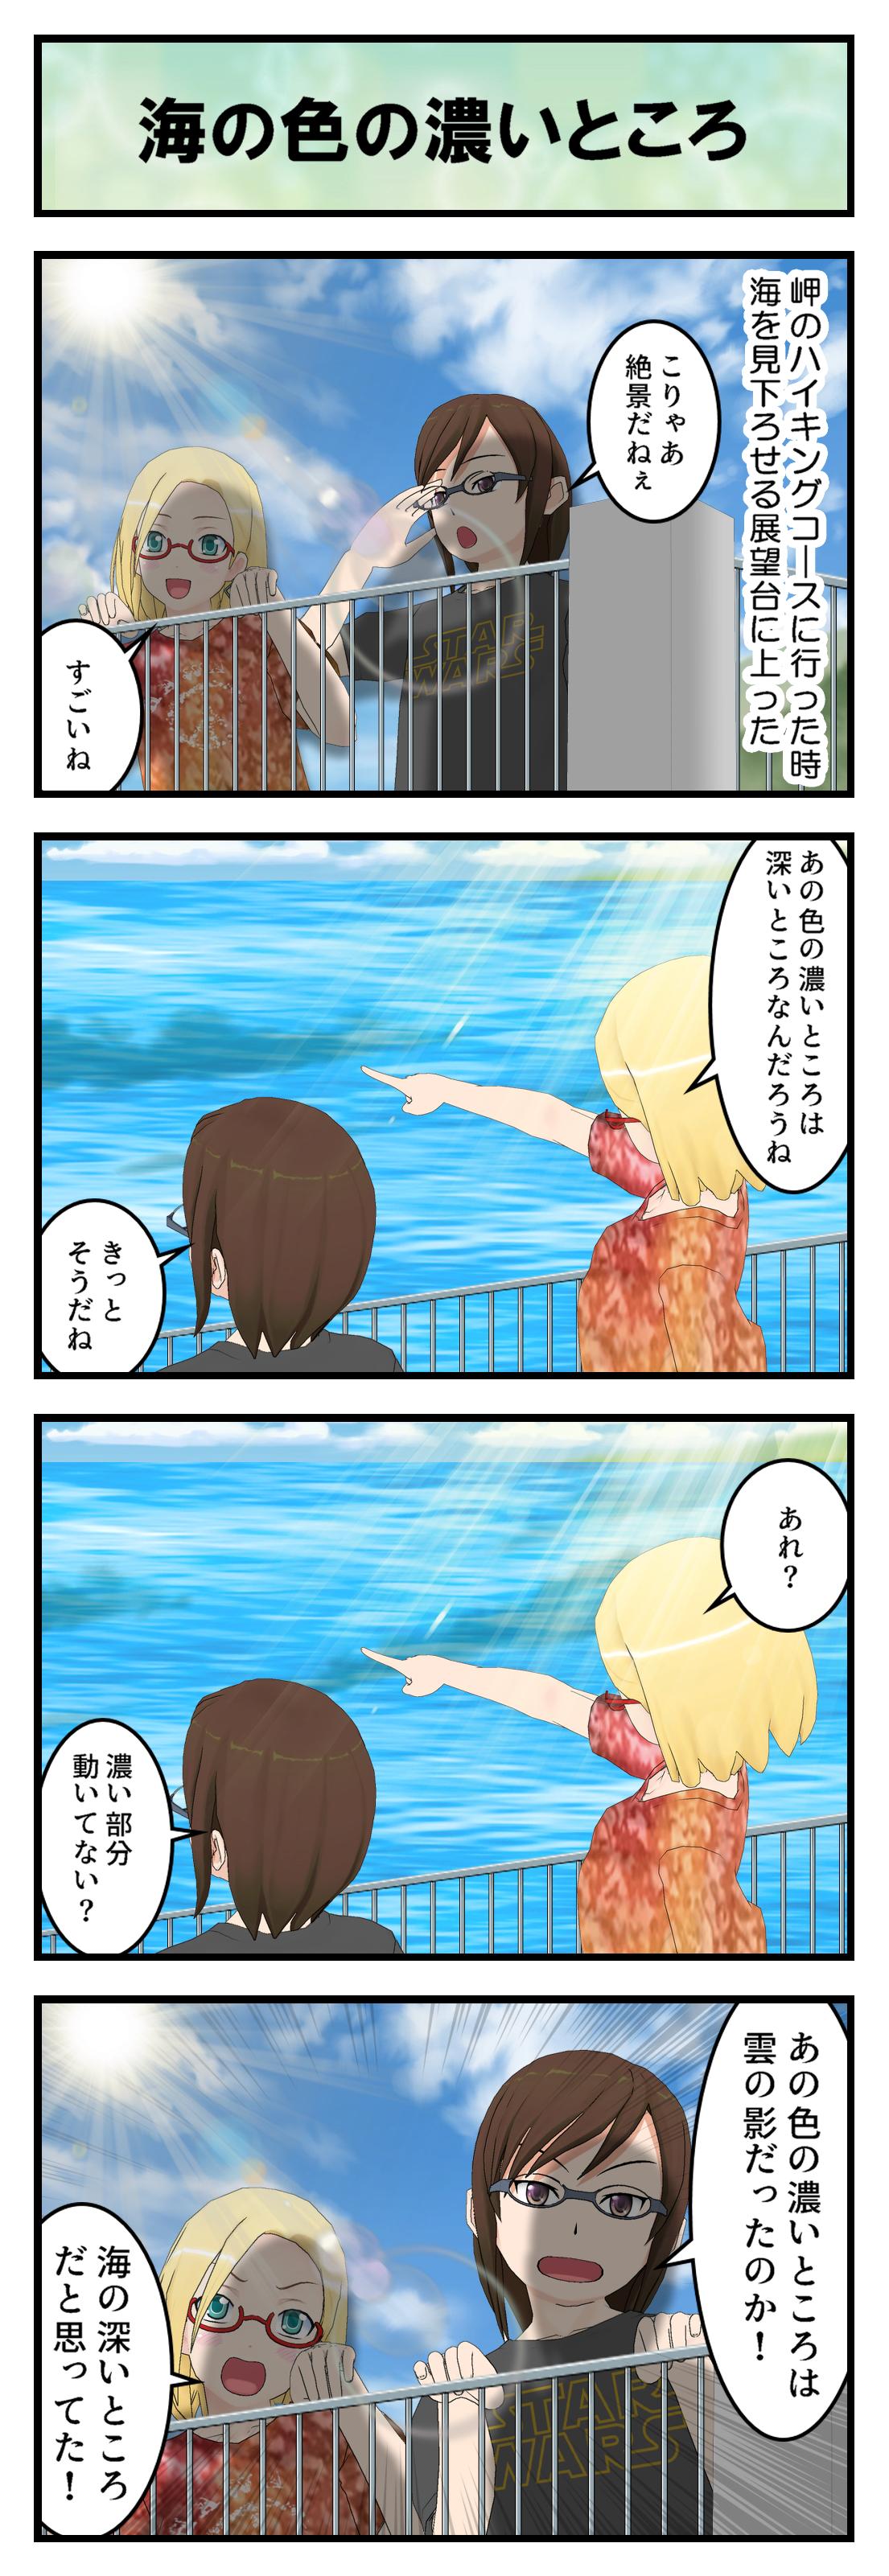 R657_海の濃いところ_001